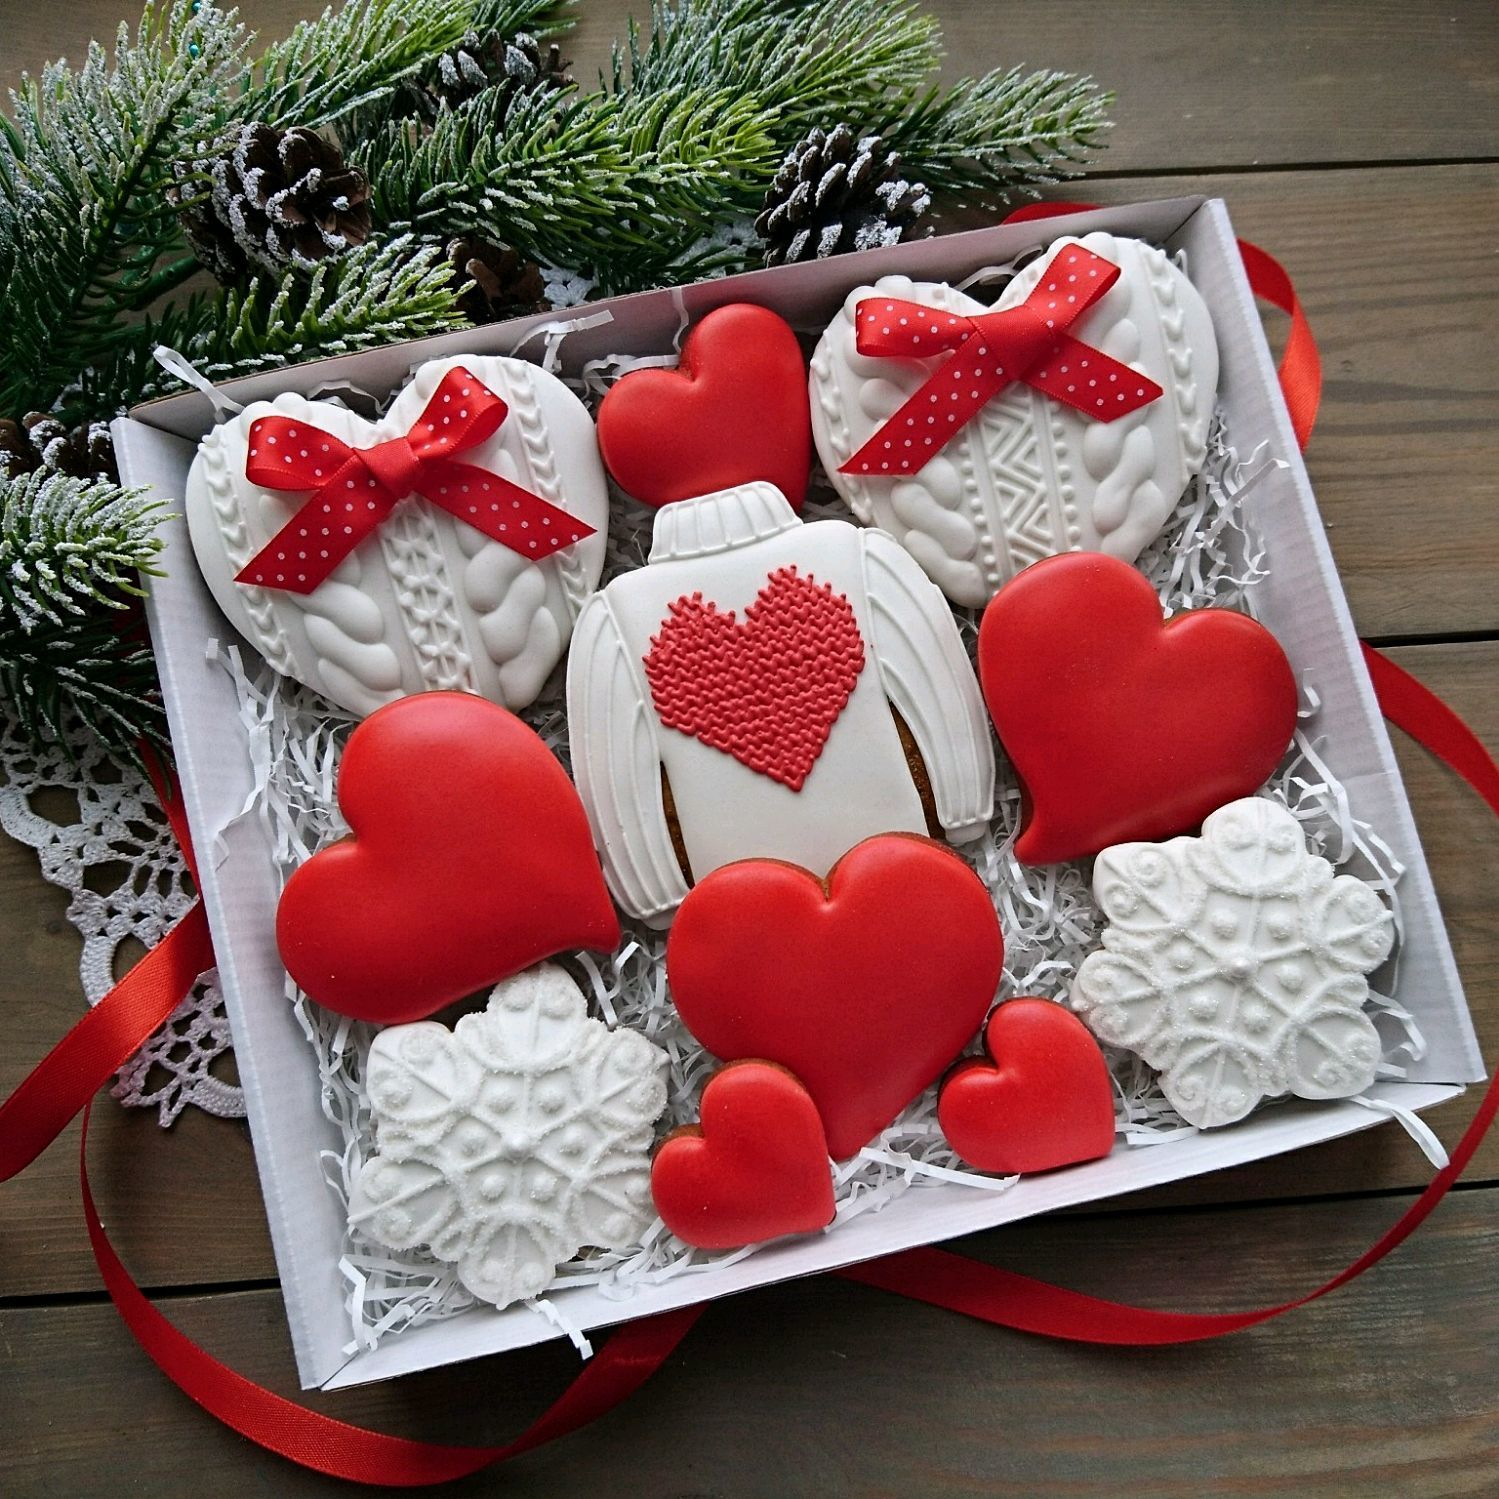 Вязаные пряники для влюбленных, Подарки, Москва, Фото №1